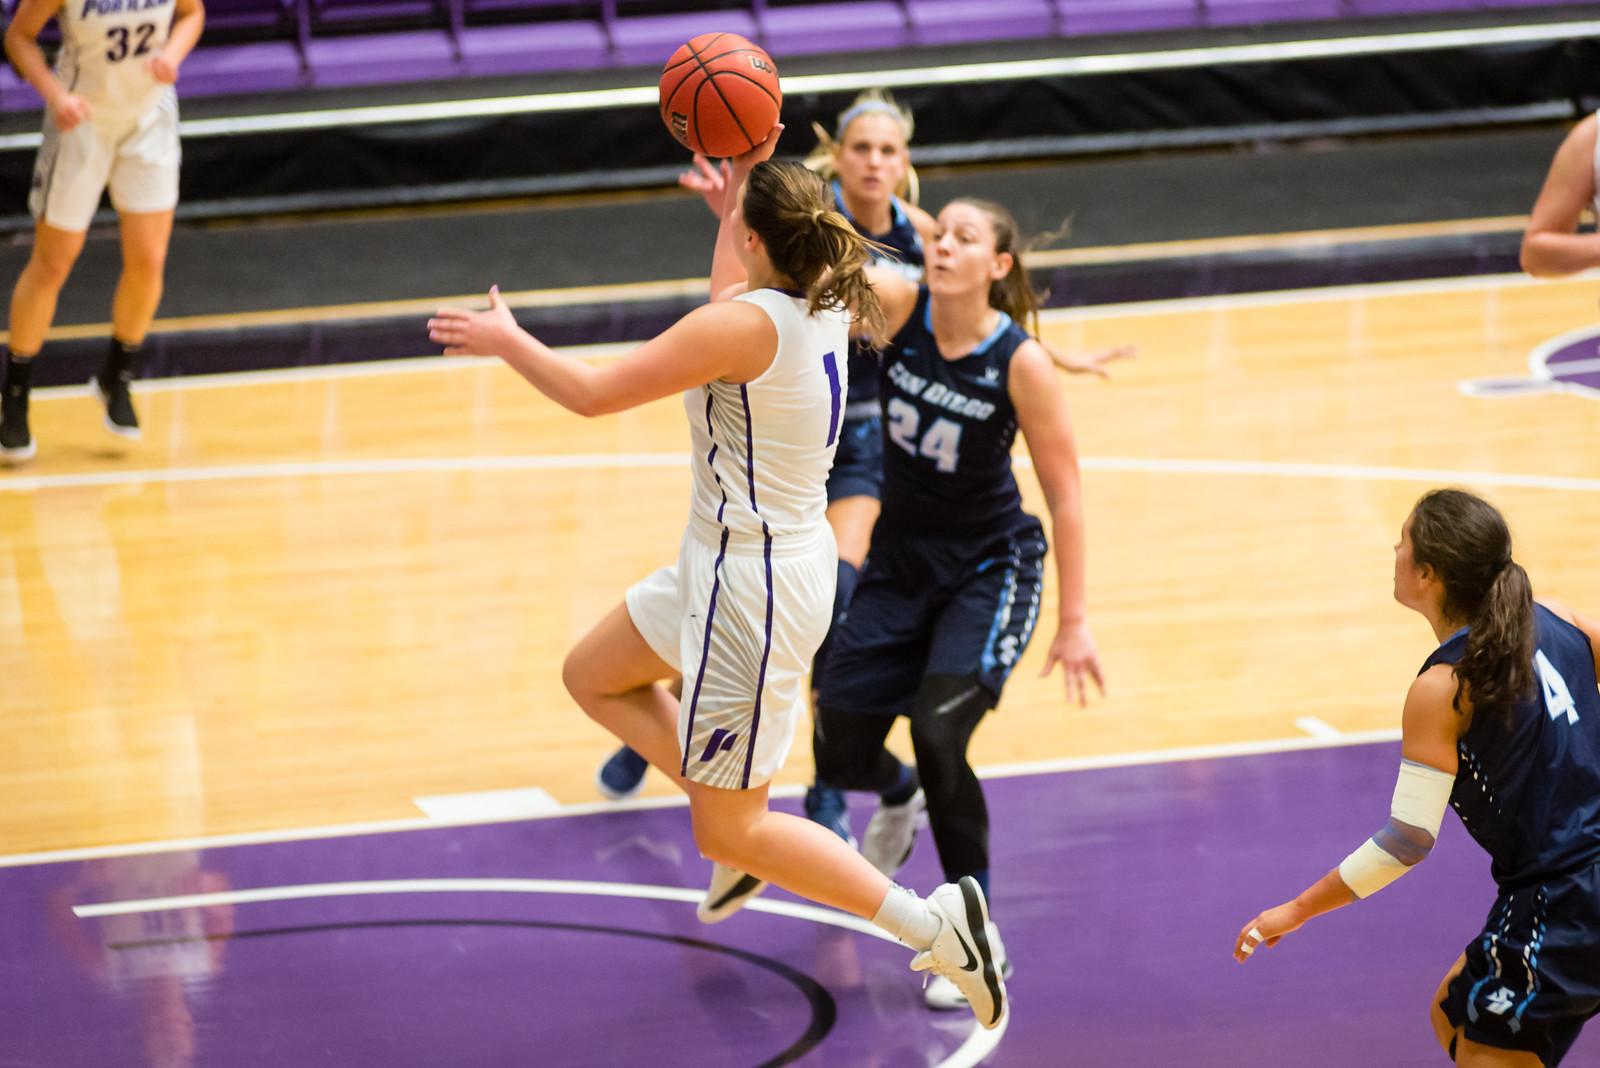 Kate Andersen drives to the hoop against San Diego.